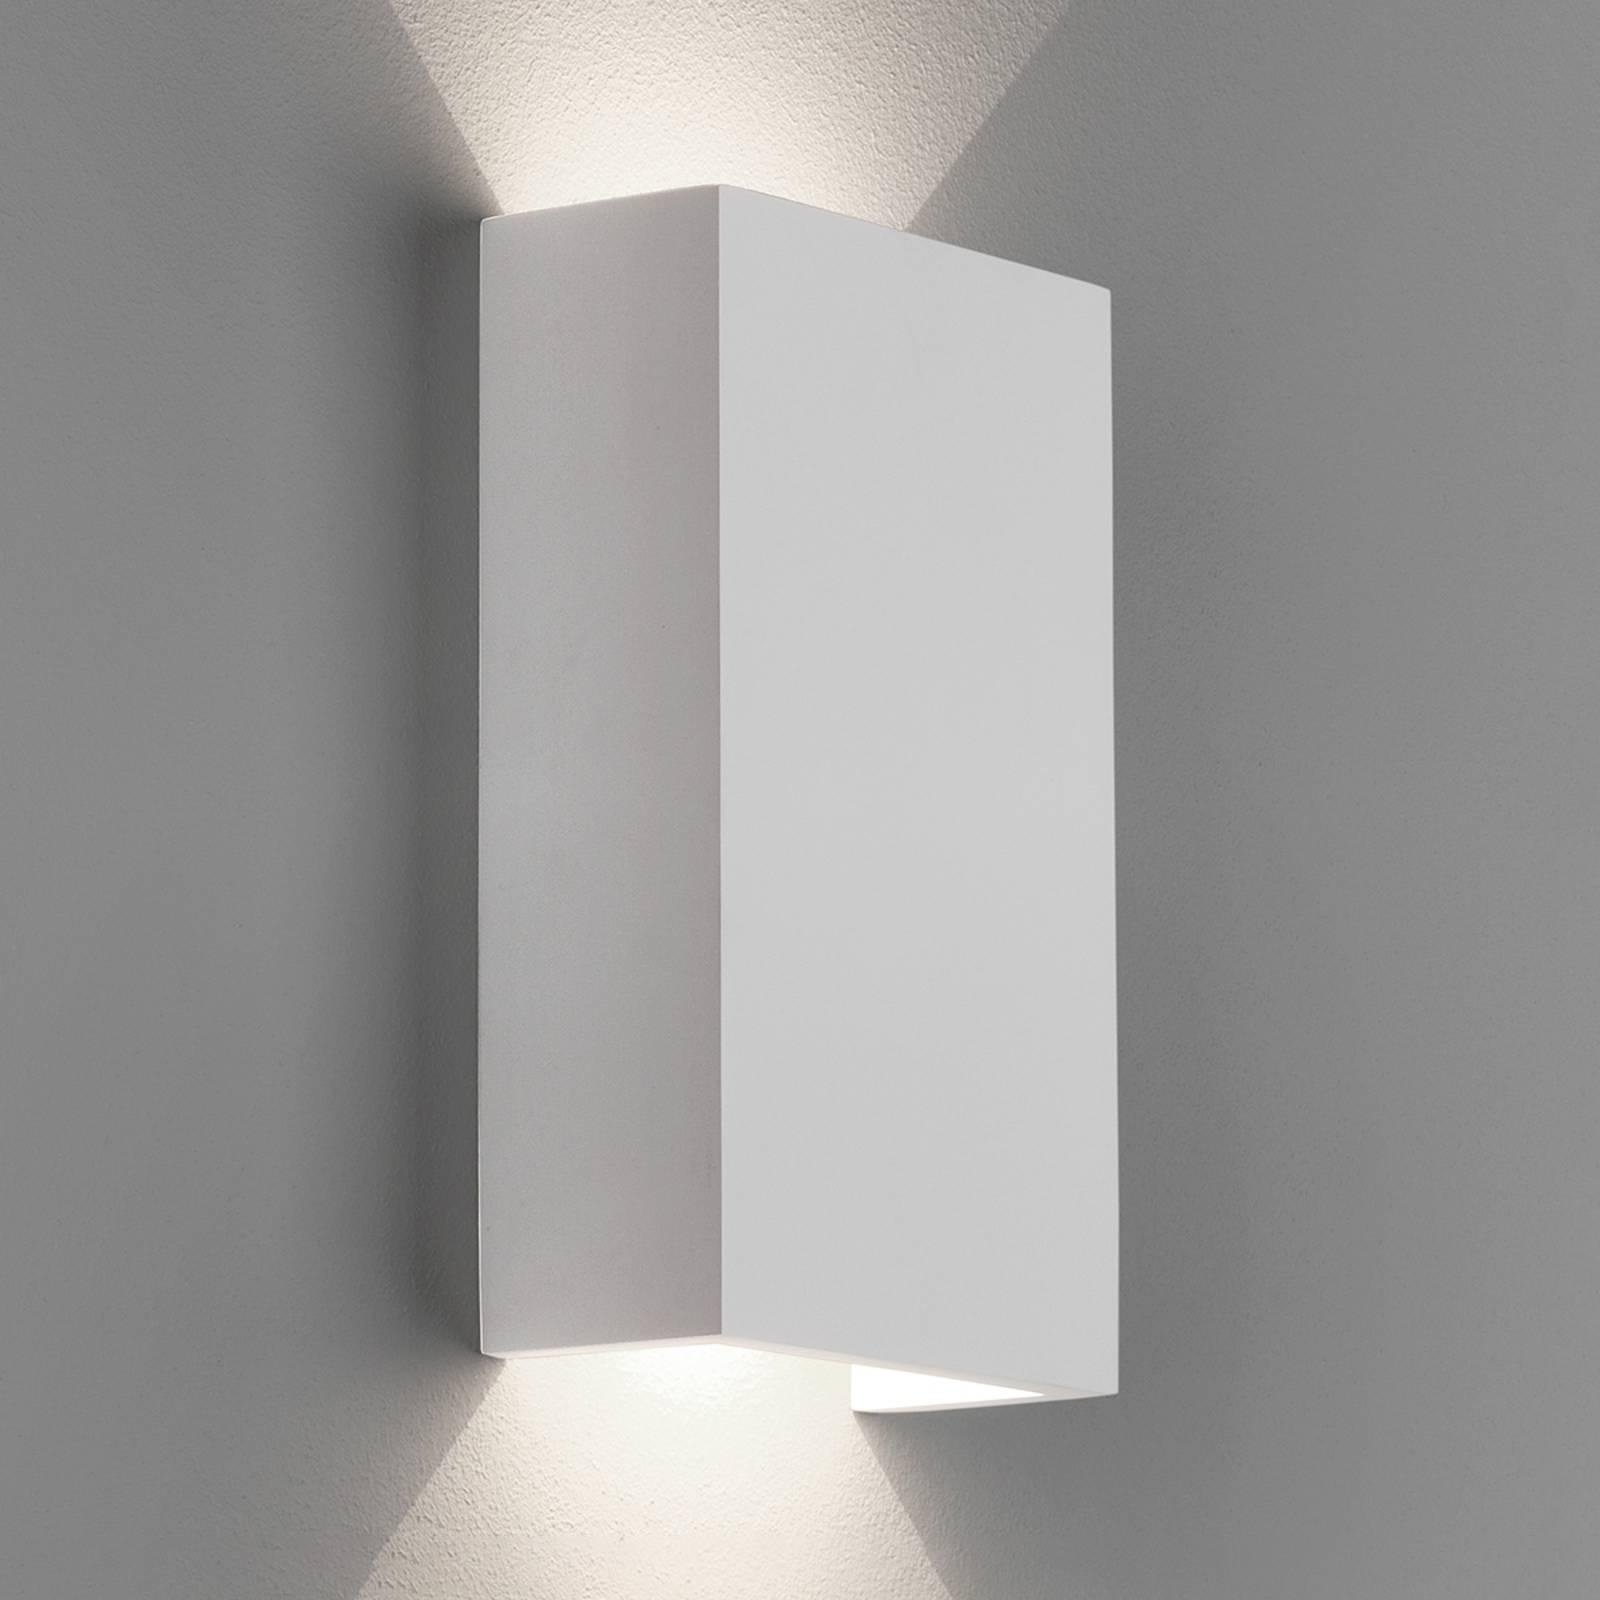 Astro Rio 125 LED-seinävalaisin kipsiä, 2 700 K